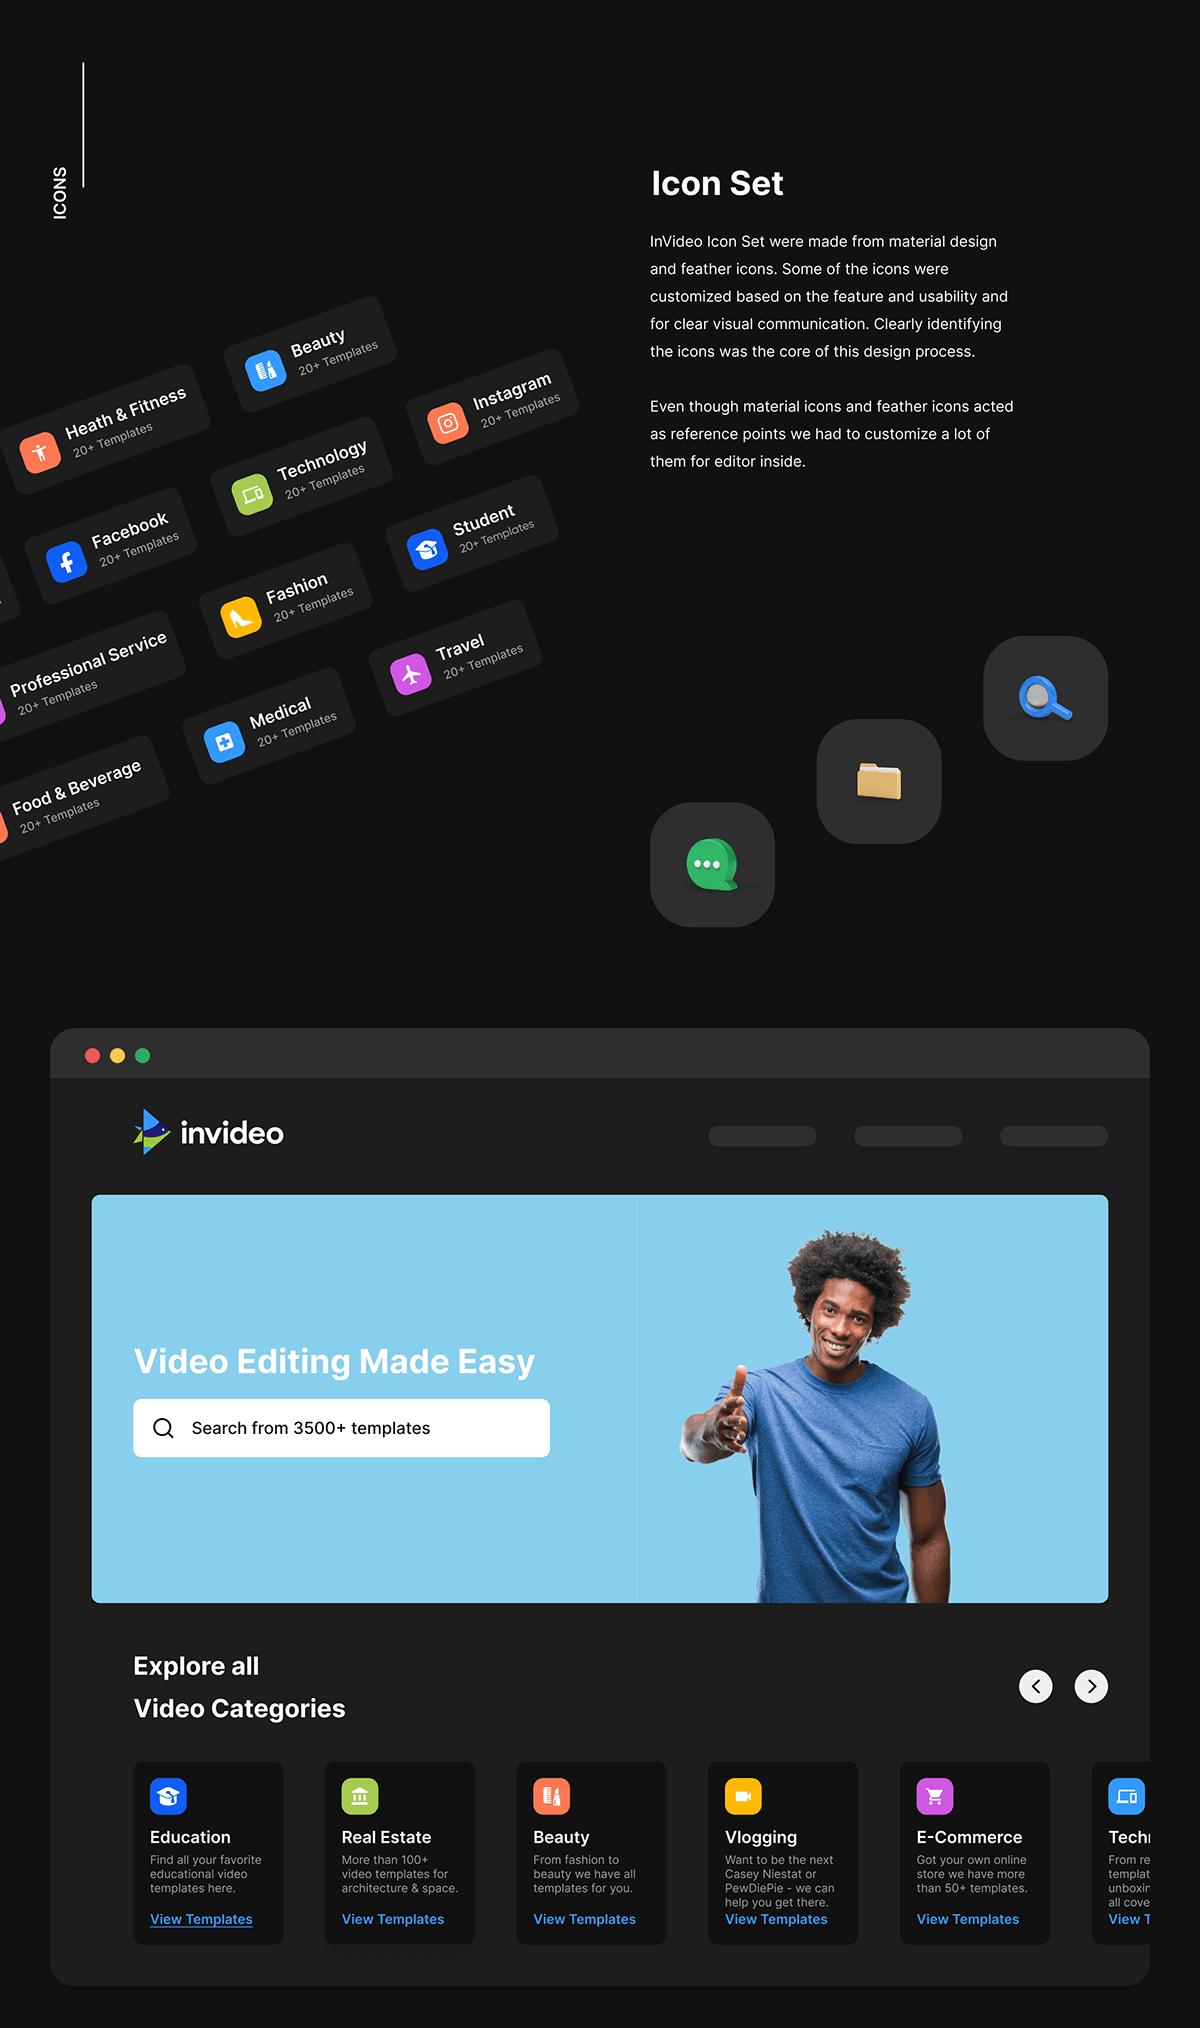 InVideo Icon Set